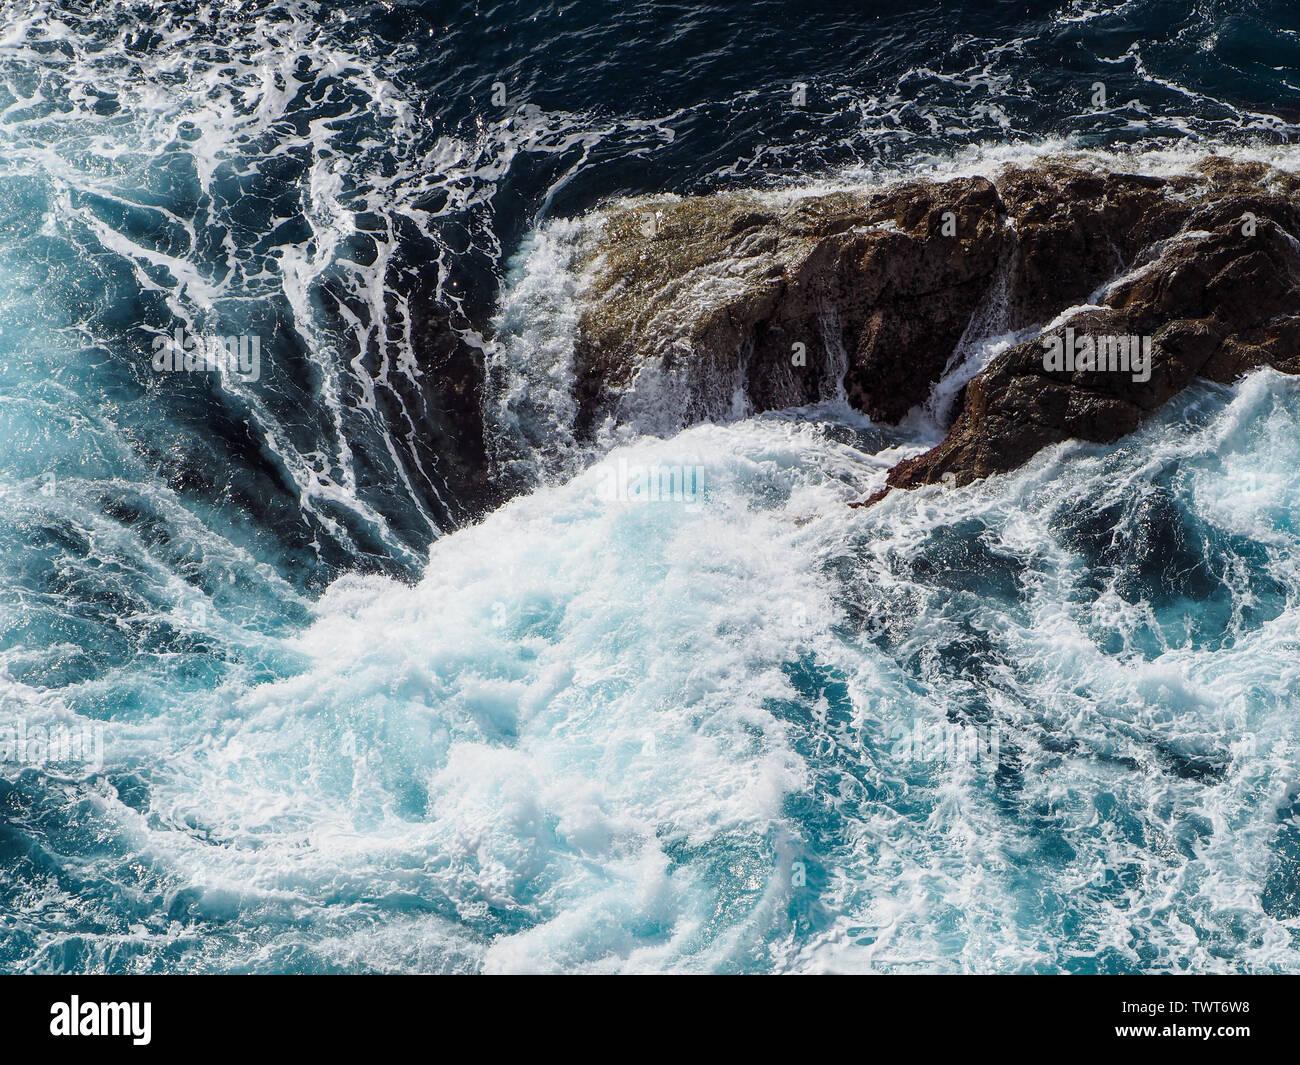 Sea water swirling around rocks Stock Photo